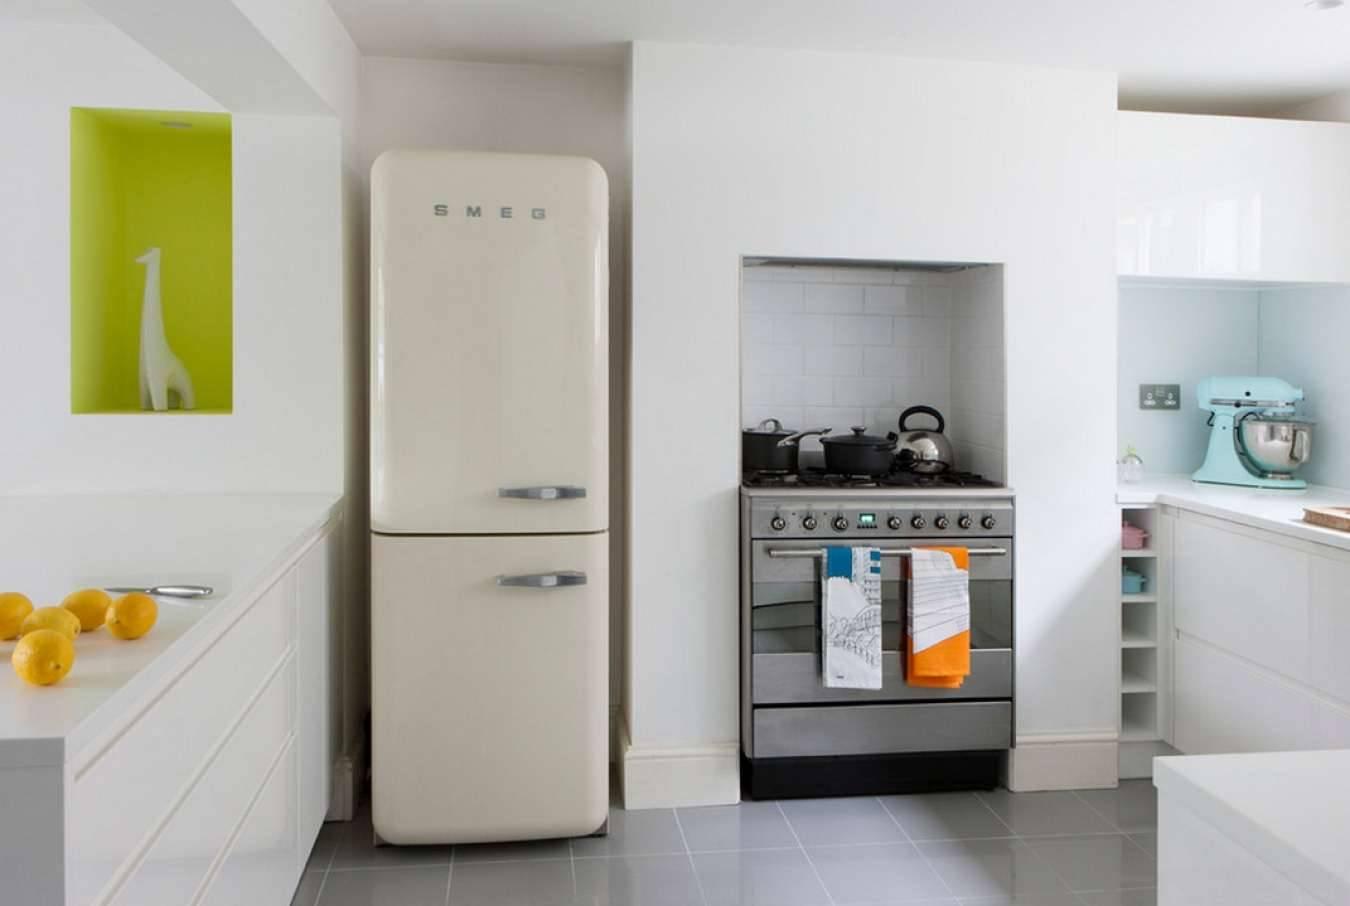 Как выбрать холодильник — подробная инструкция, с полезными советами и рекомендациями. топ-лучших моделей холодильников 2018 года